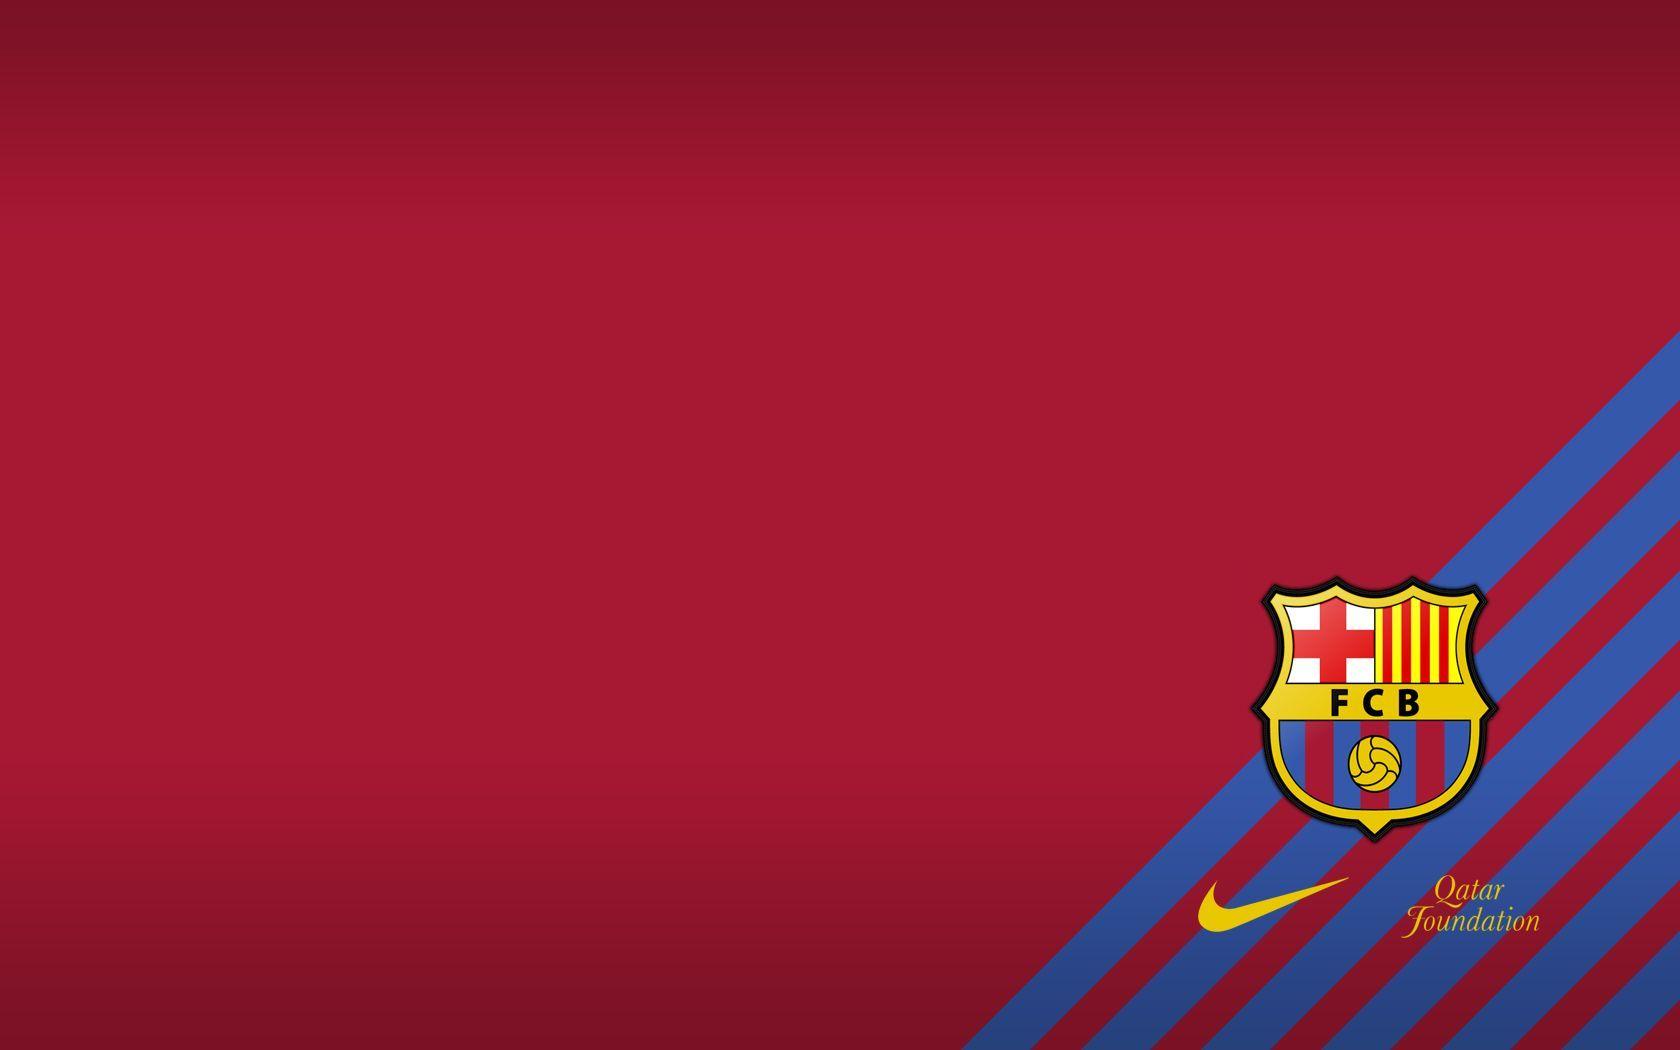 Barcelona Hd Fonds D Ecran Pour Pc Telecharger Le Fond D Ecran Barcelone 1680x1050 Wallpapertip